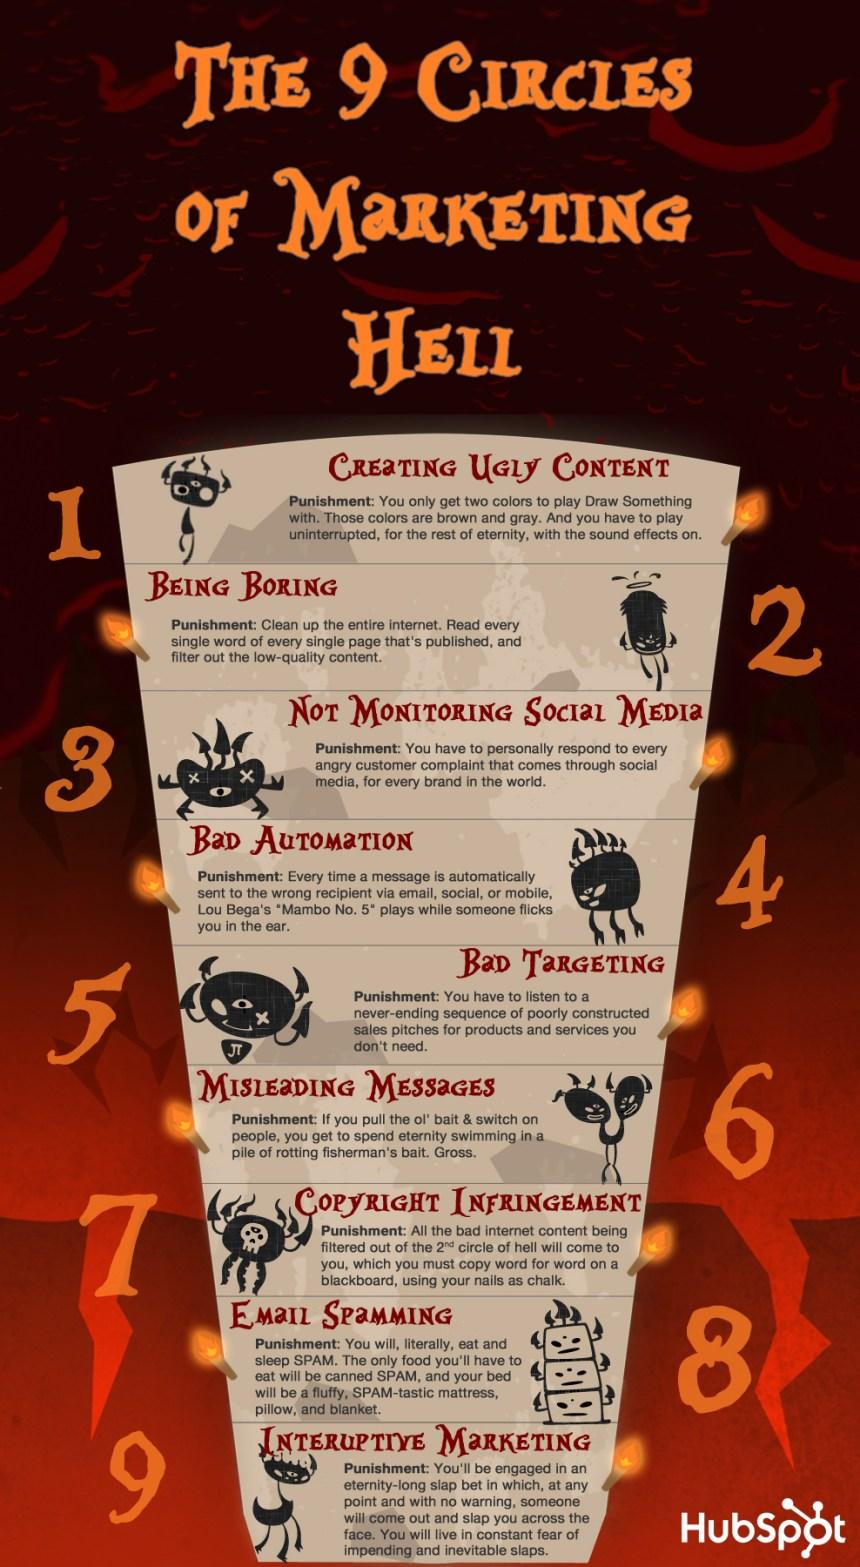 Los 9 círculos del infierno del marketing